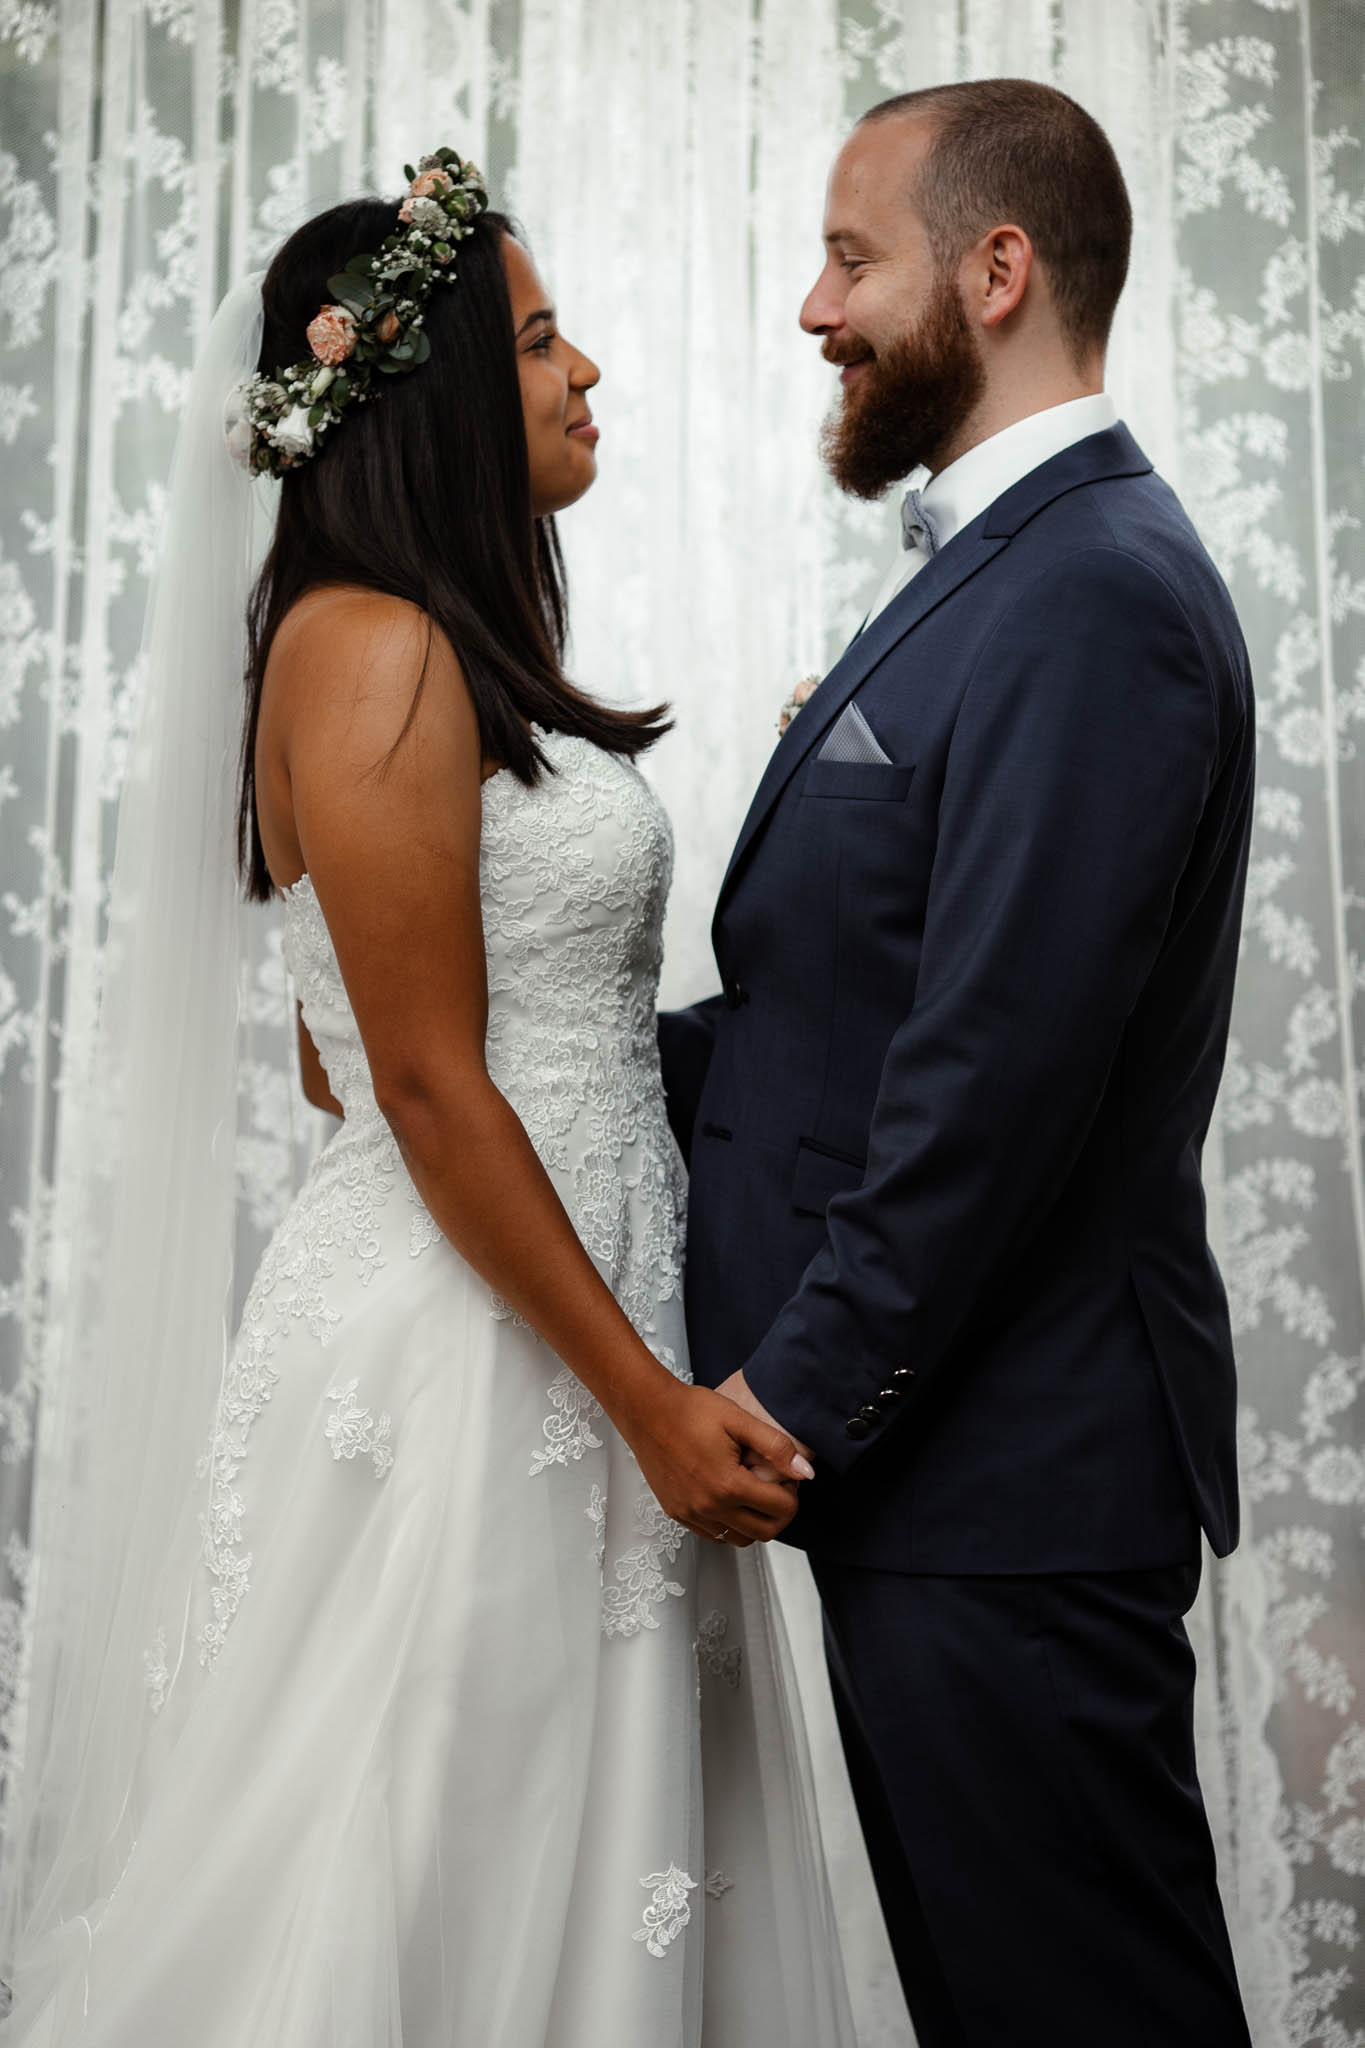 Als Hochzeitsfotograf in Deidesheim: Freie Trauung von Raquel & Philipp 73